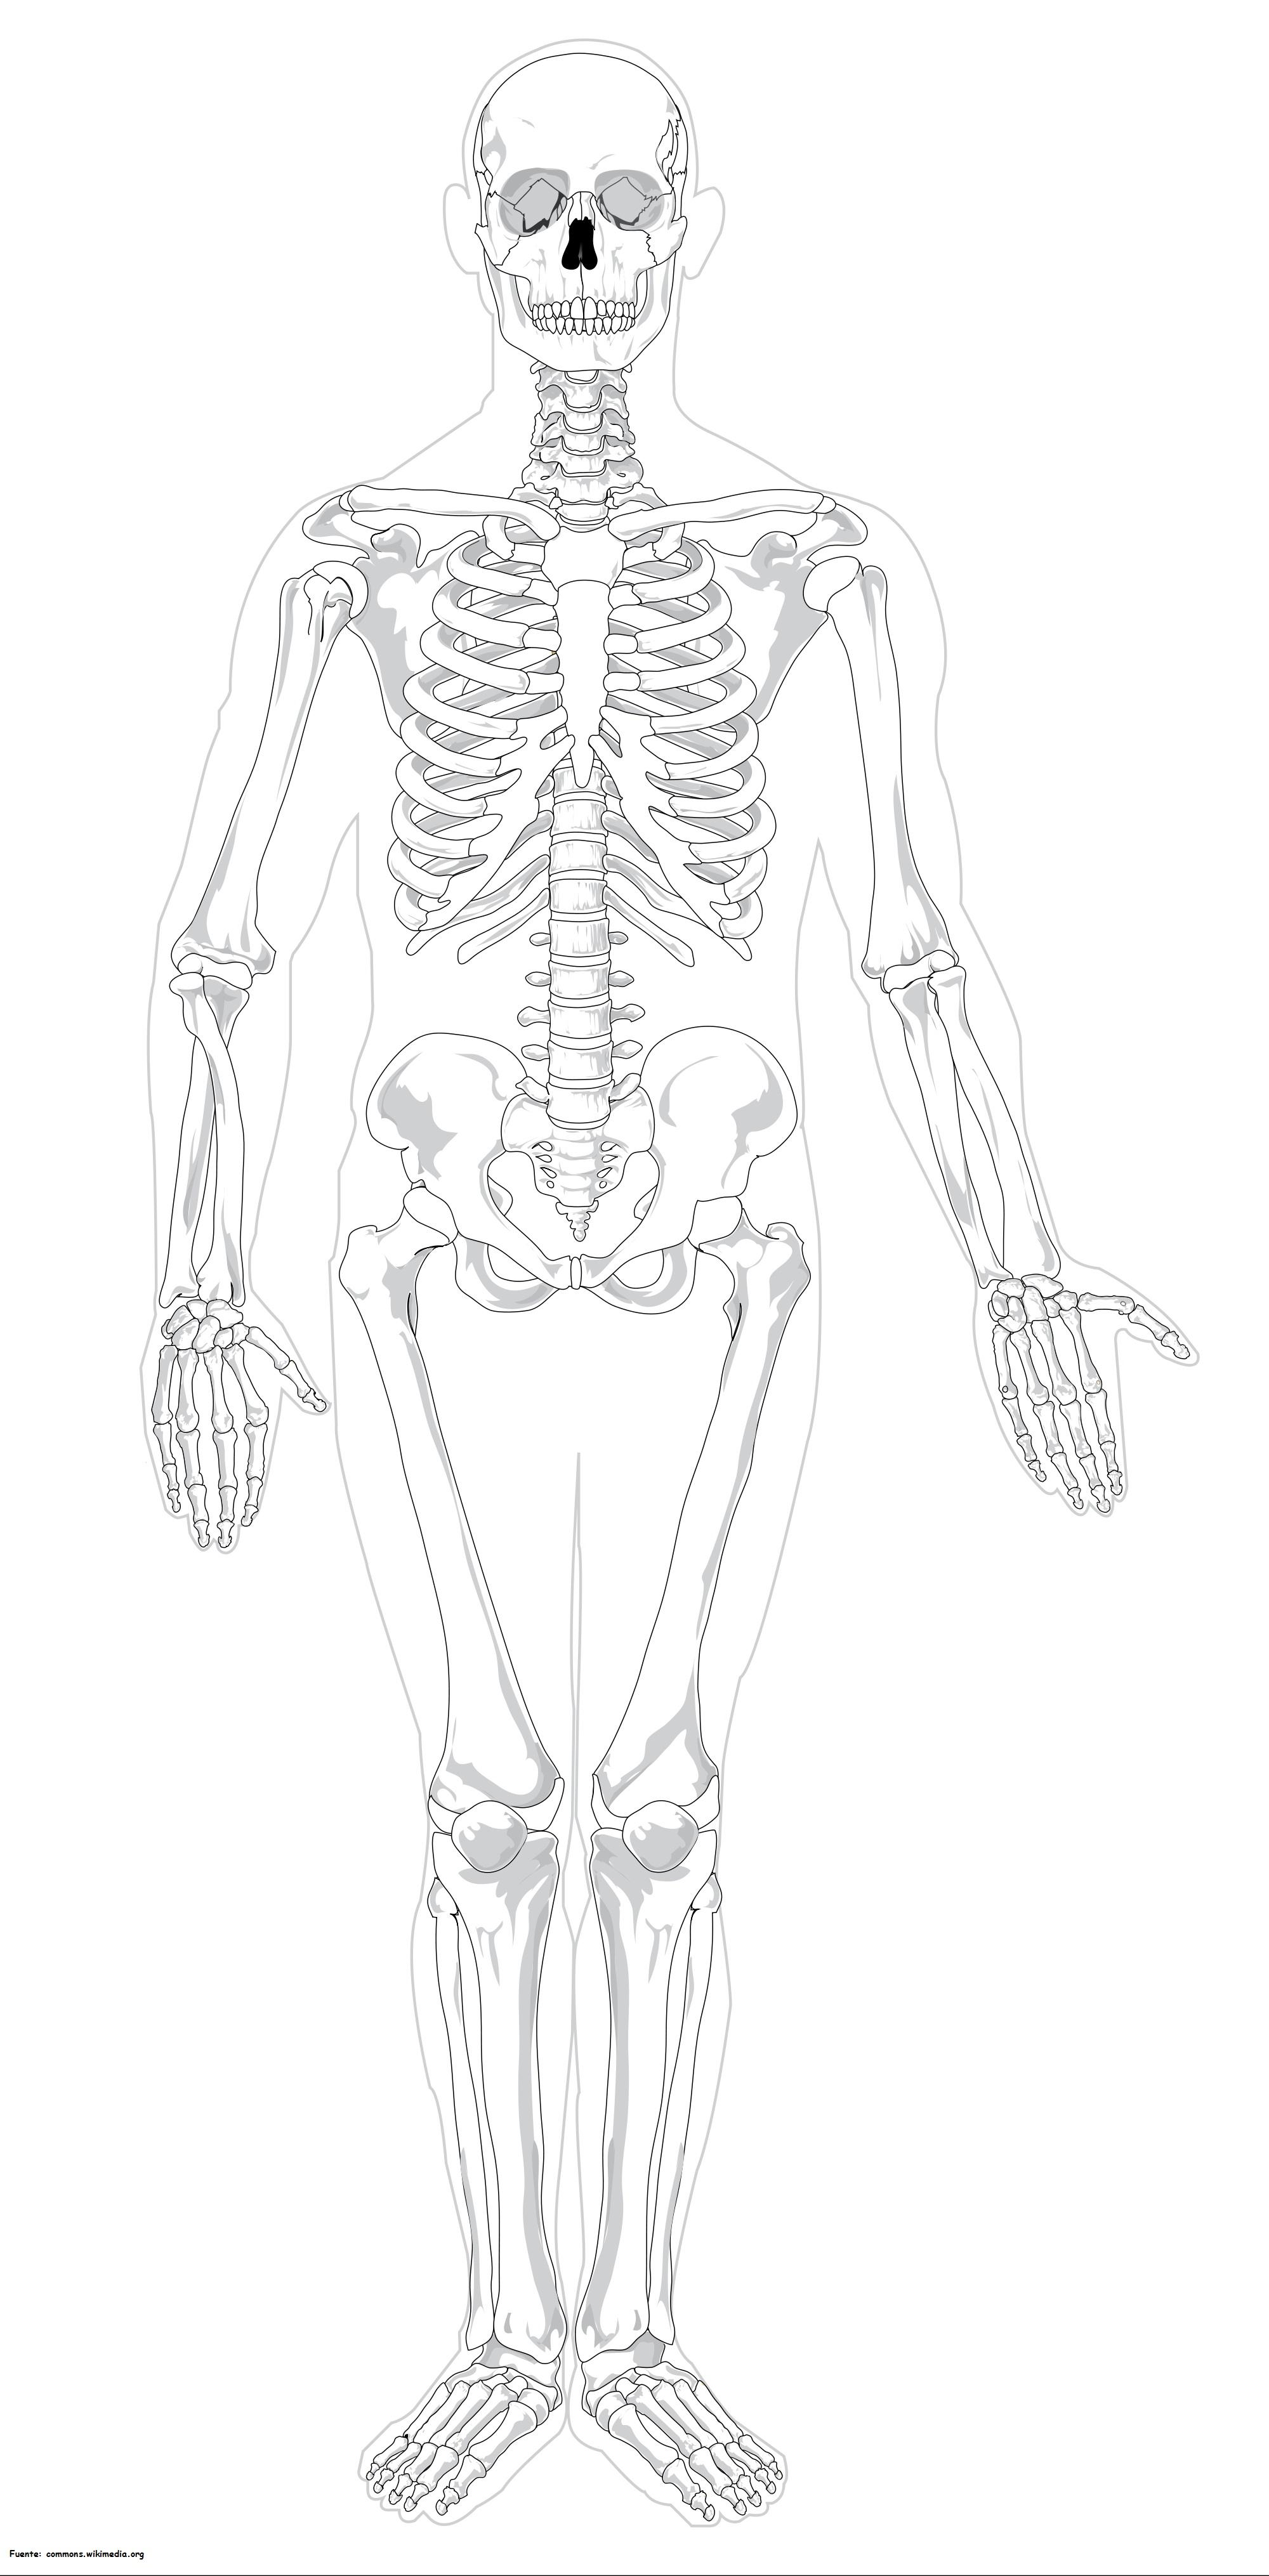 Esqueleto humano para colorear - Currículum en línea. MINEDUC ...